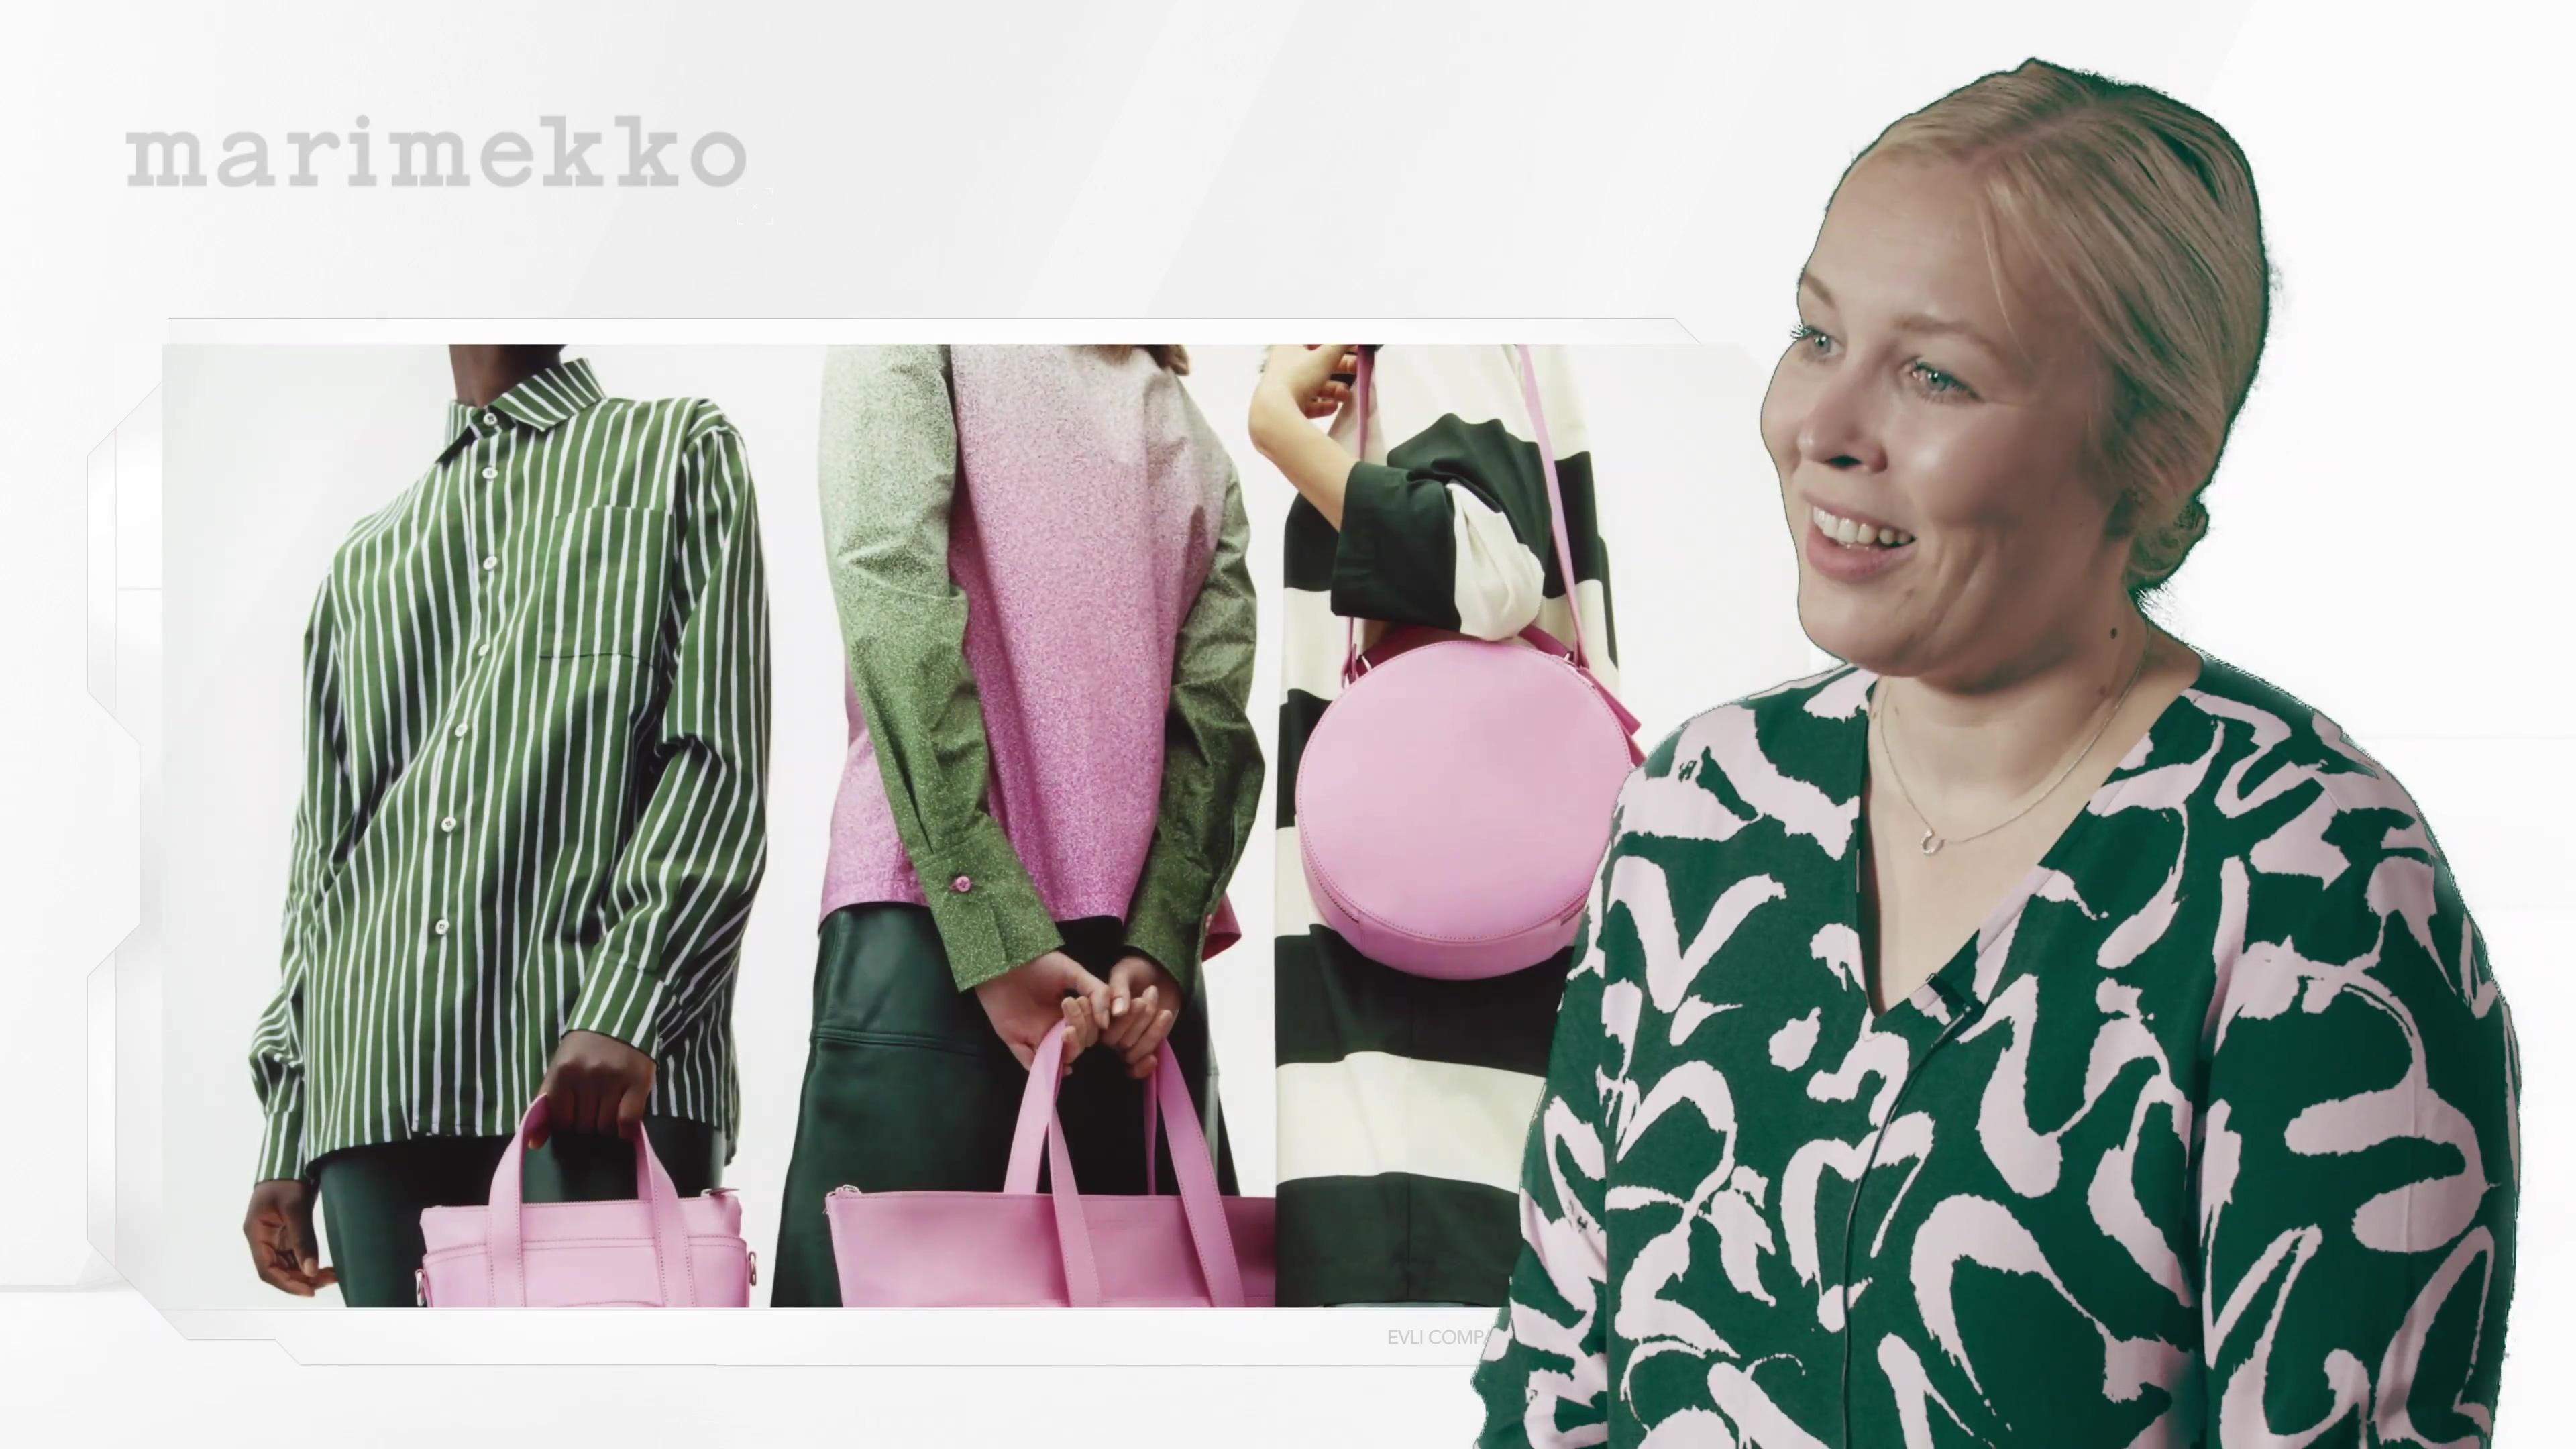 Marimekko Company presentation